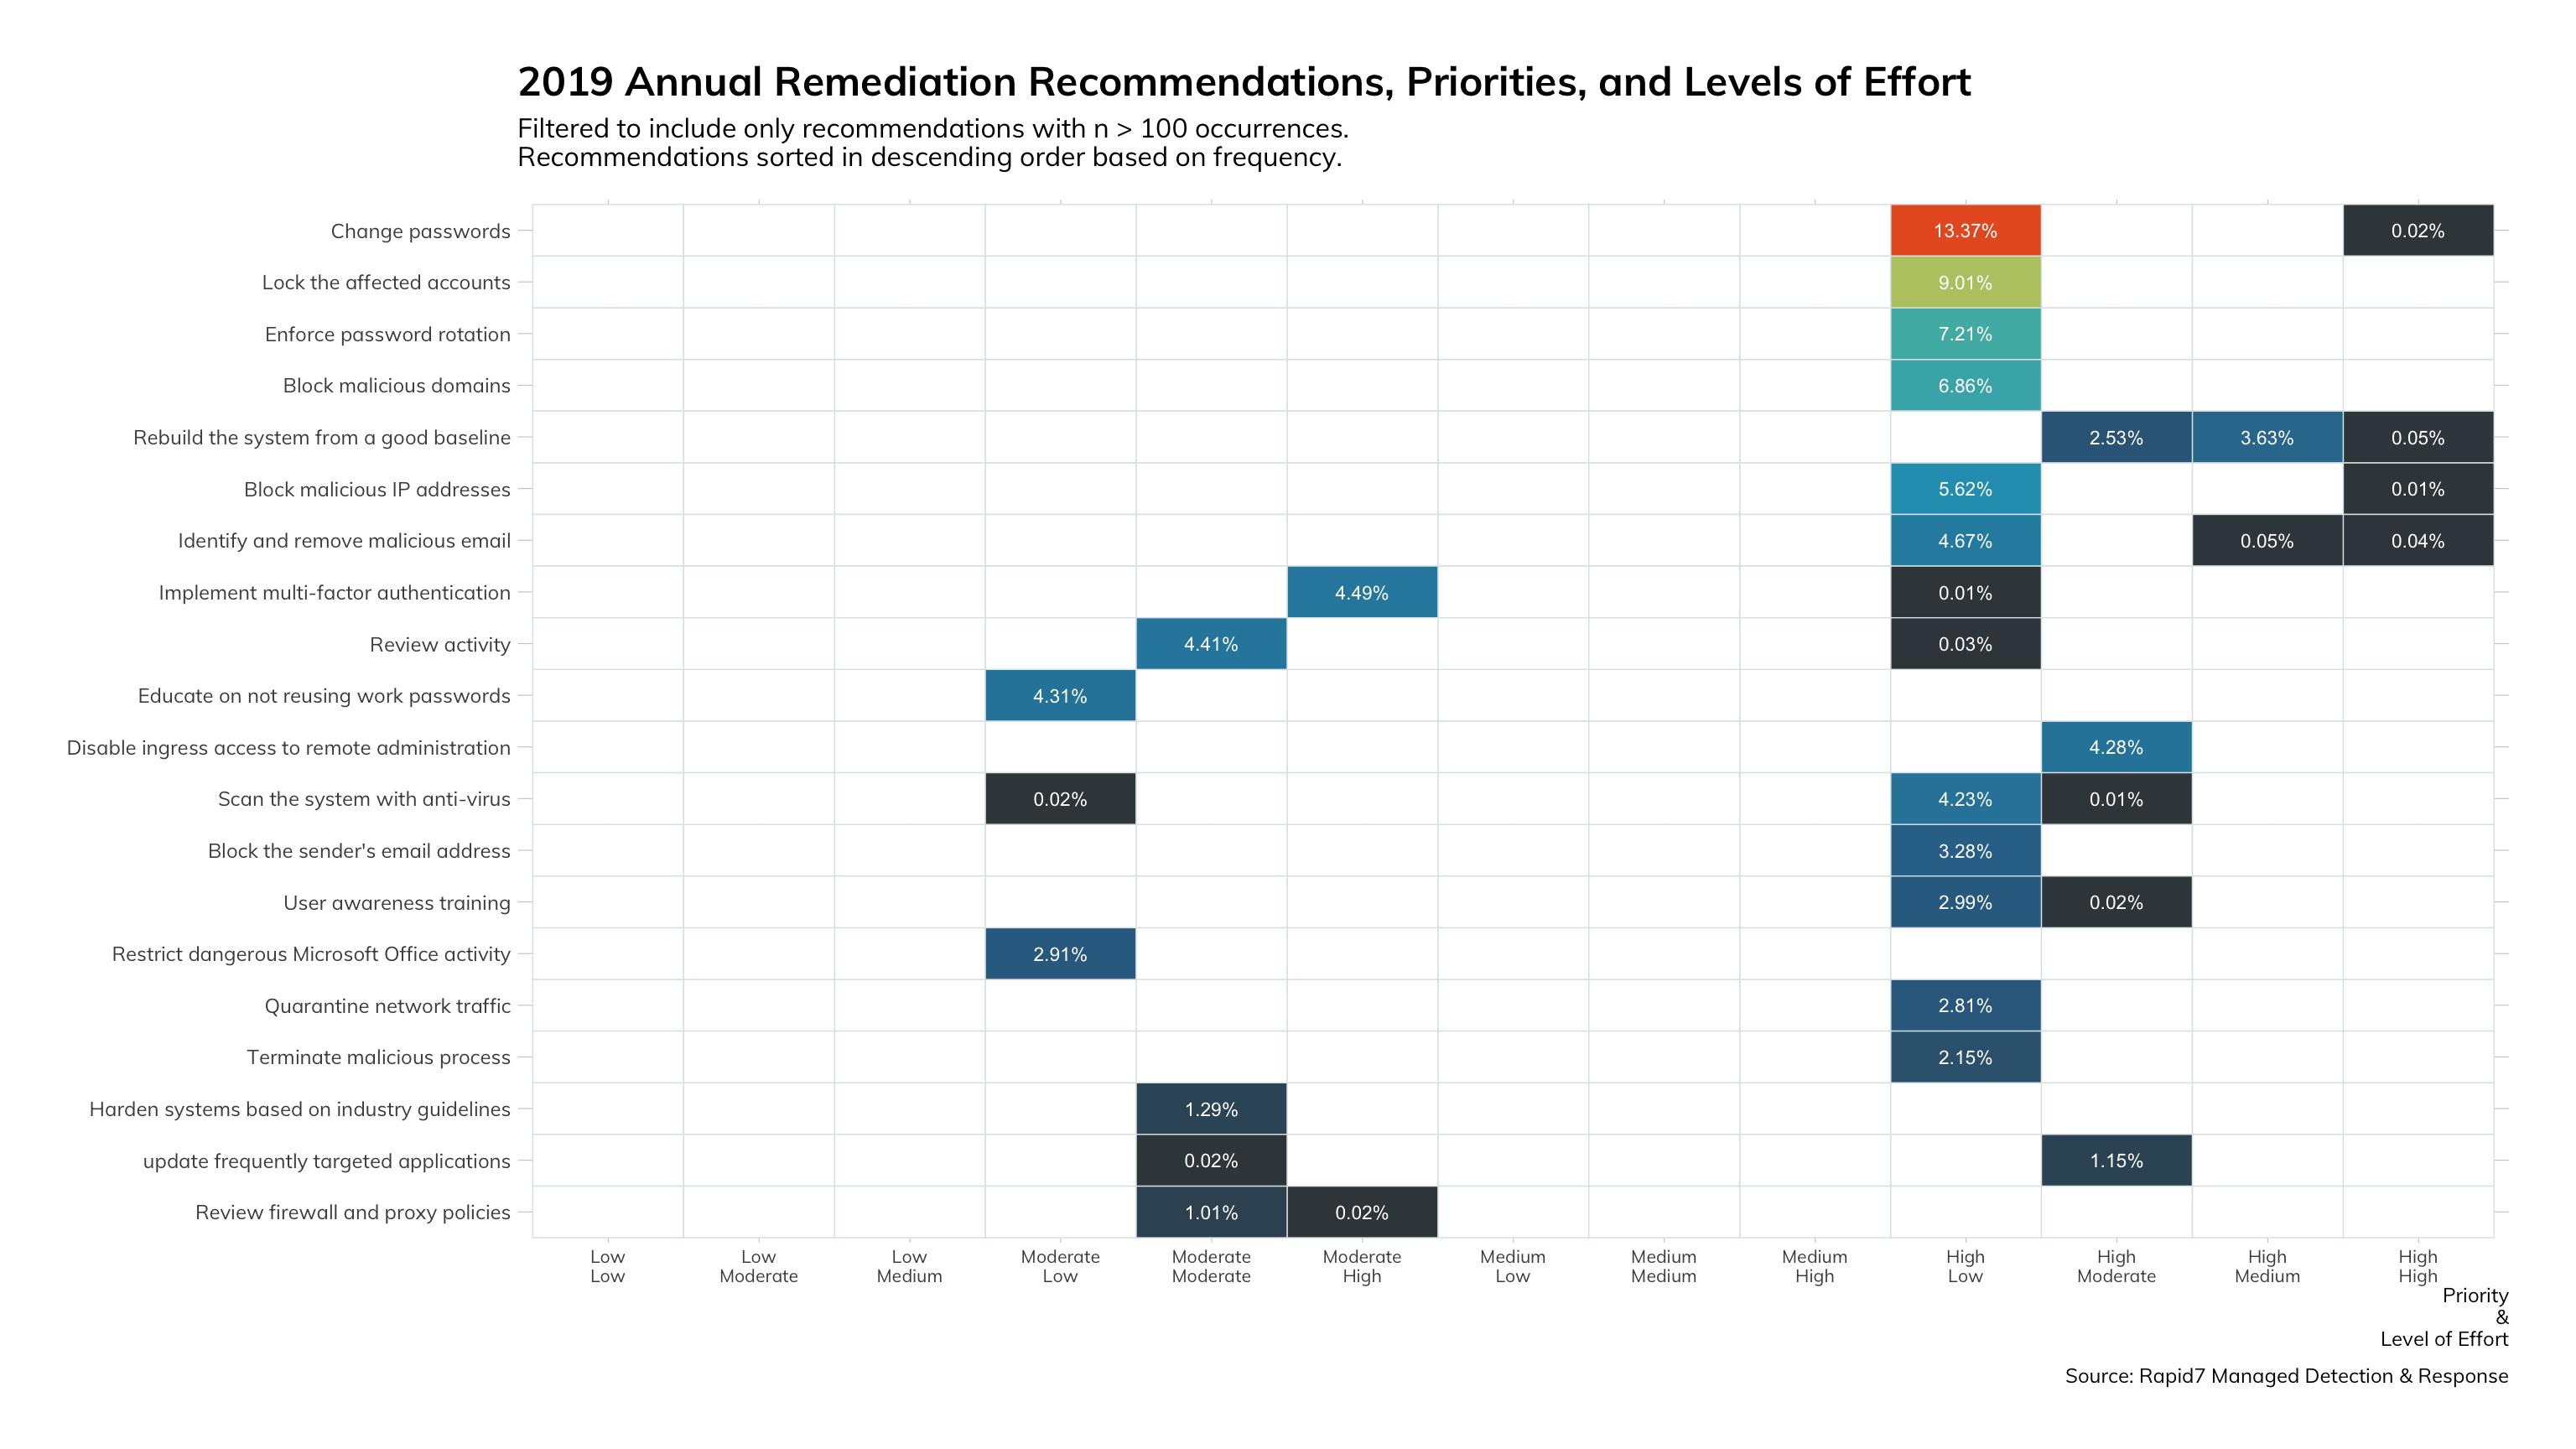 図19: 2019年の修正に関する推奨事項、優先度、必要な作業量